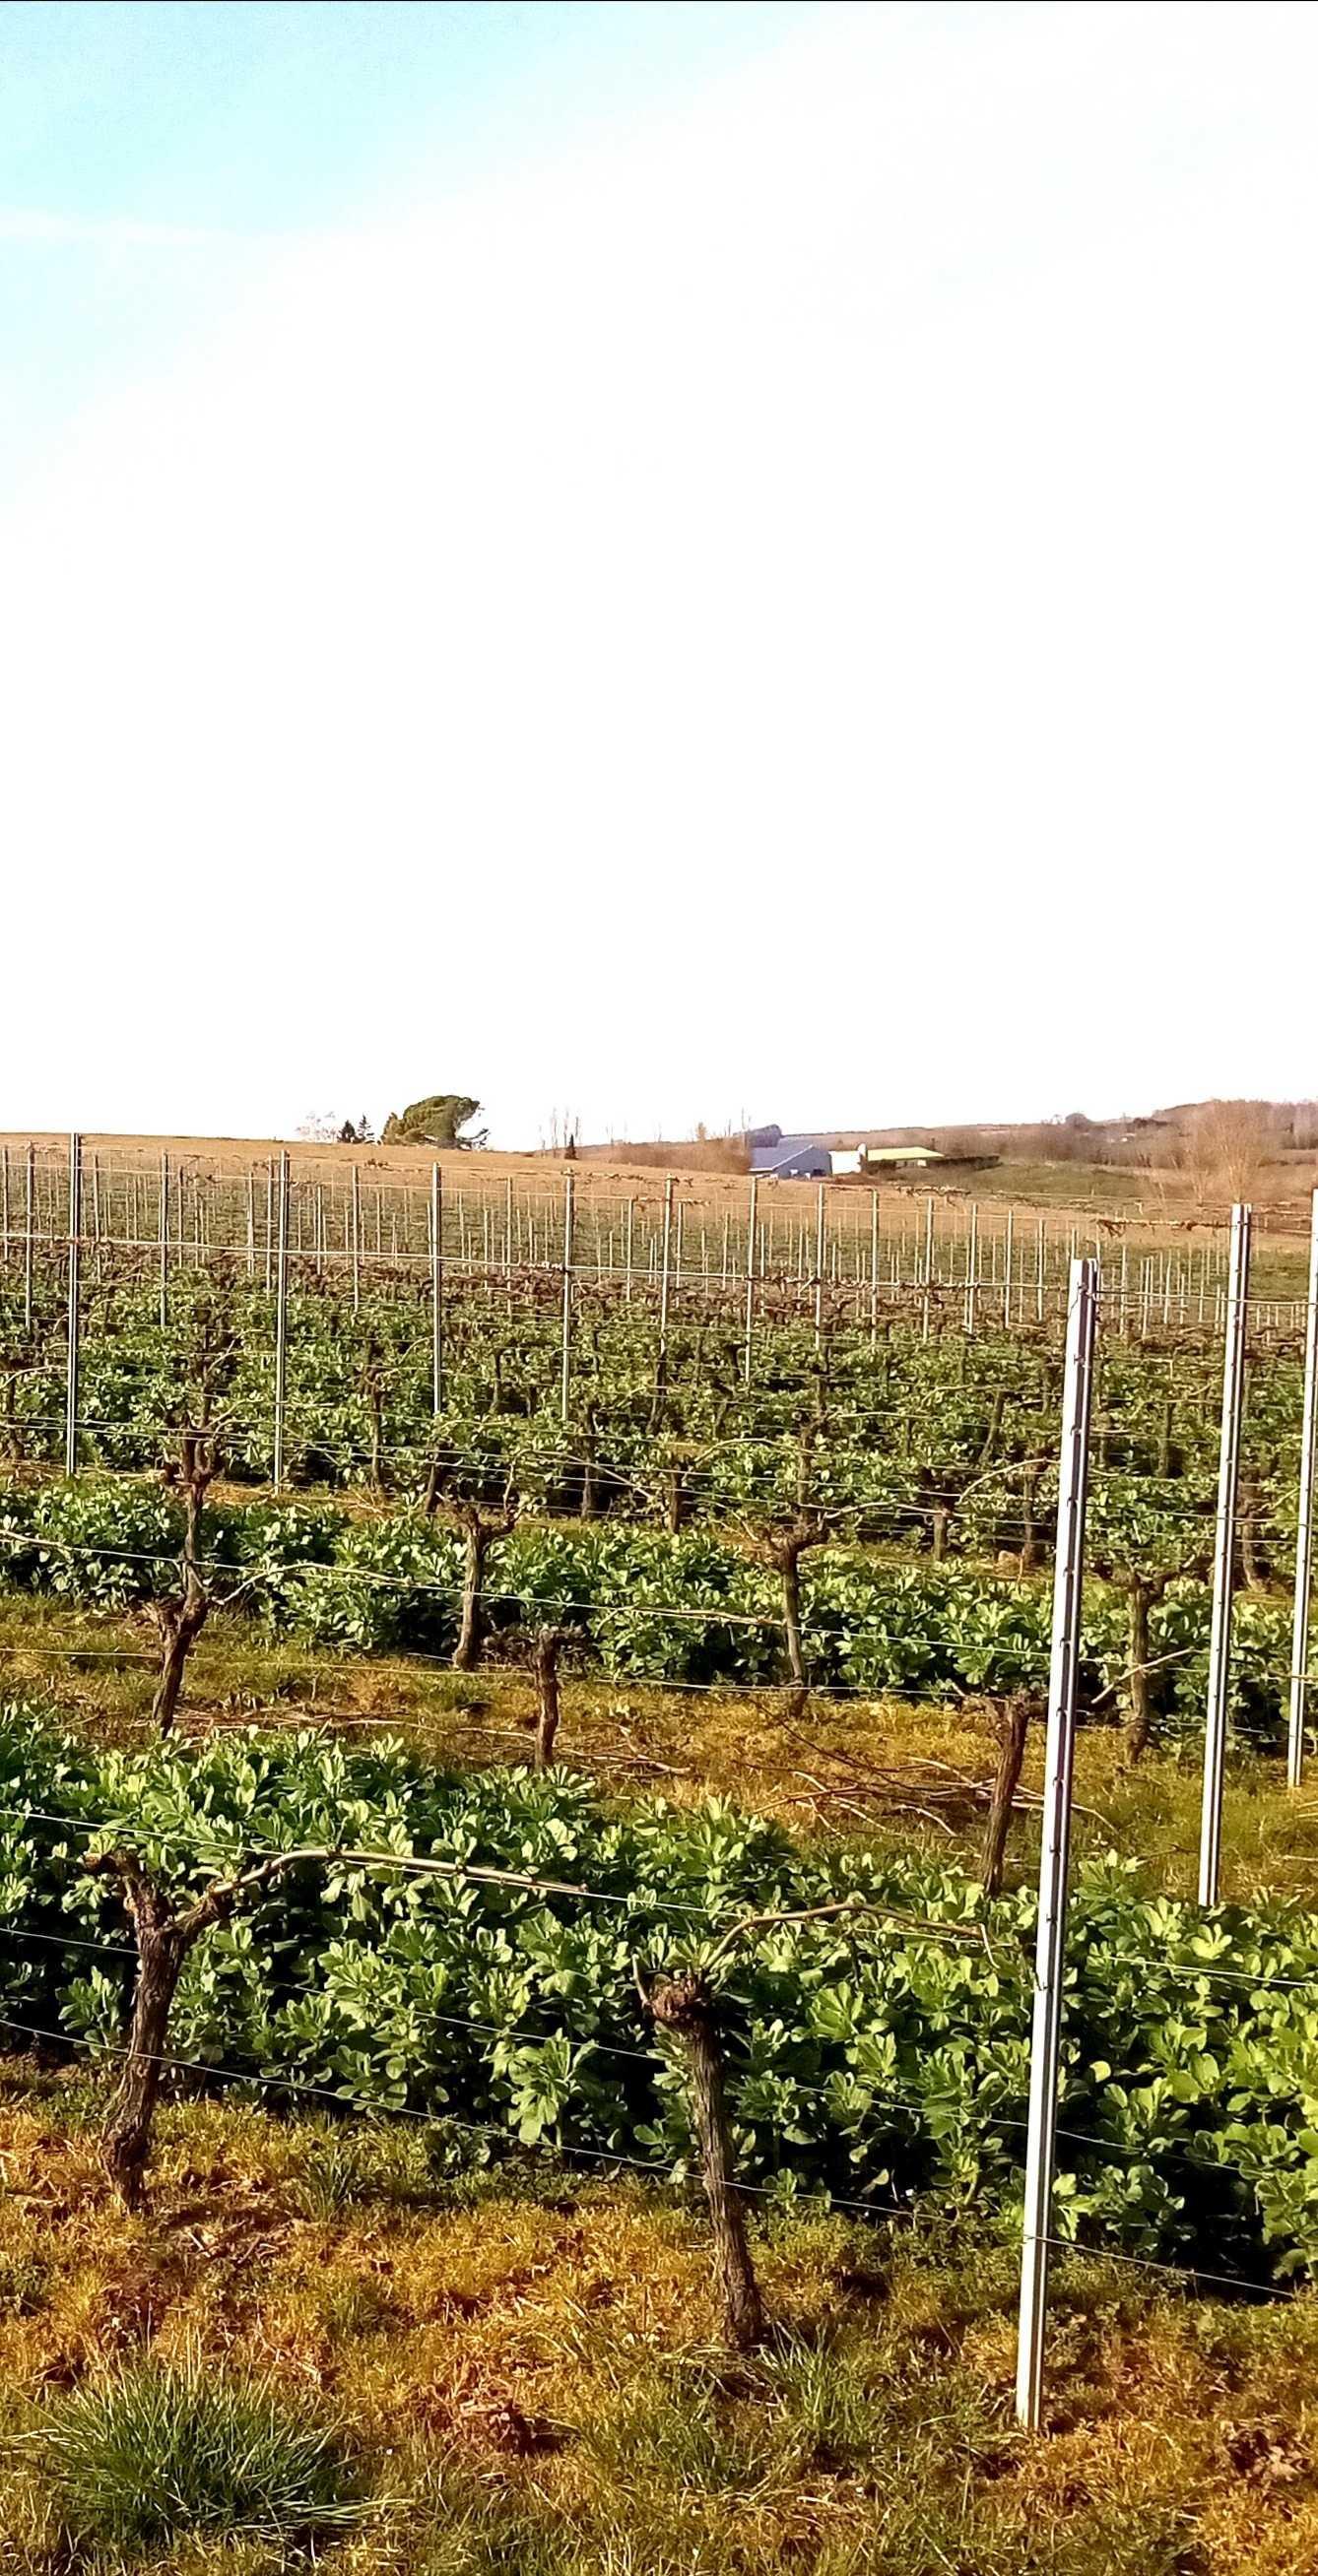 Bonjour, la présence de féveroles dans les rangs de vignes (souvent 1 rang sur 2, comme ici en Gironde) est de plus en plus répandue, notamment dans les vignobles conduits en biodynamie : elle apporte de l'azote (la féverole étant une légumineuse associée à des bactéries fixatrices d'azote atmosphérique), structure le sol avec son système racinaire bien développé), et reste facile à détruire au printemps (par roulage et broyage).